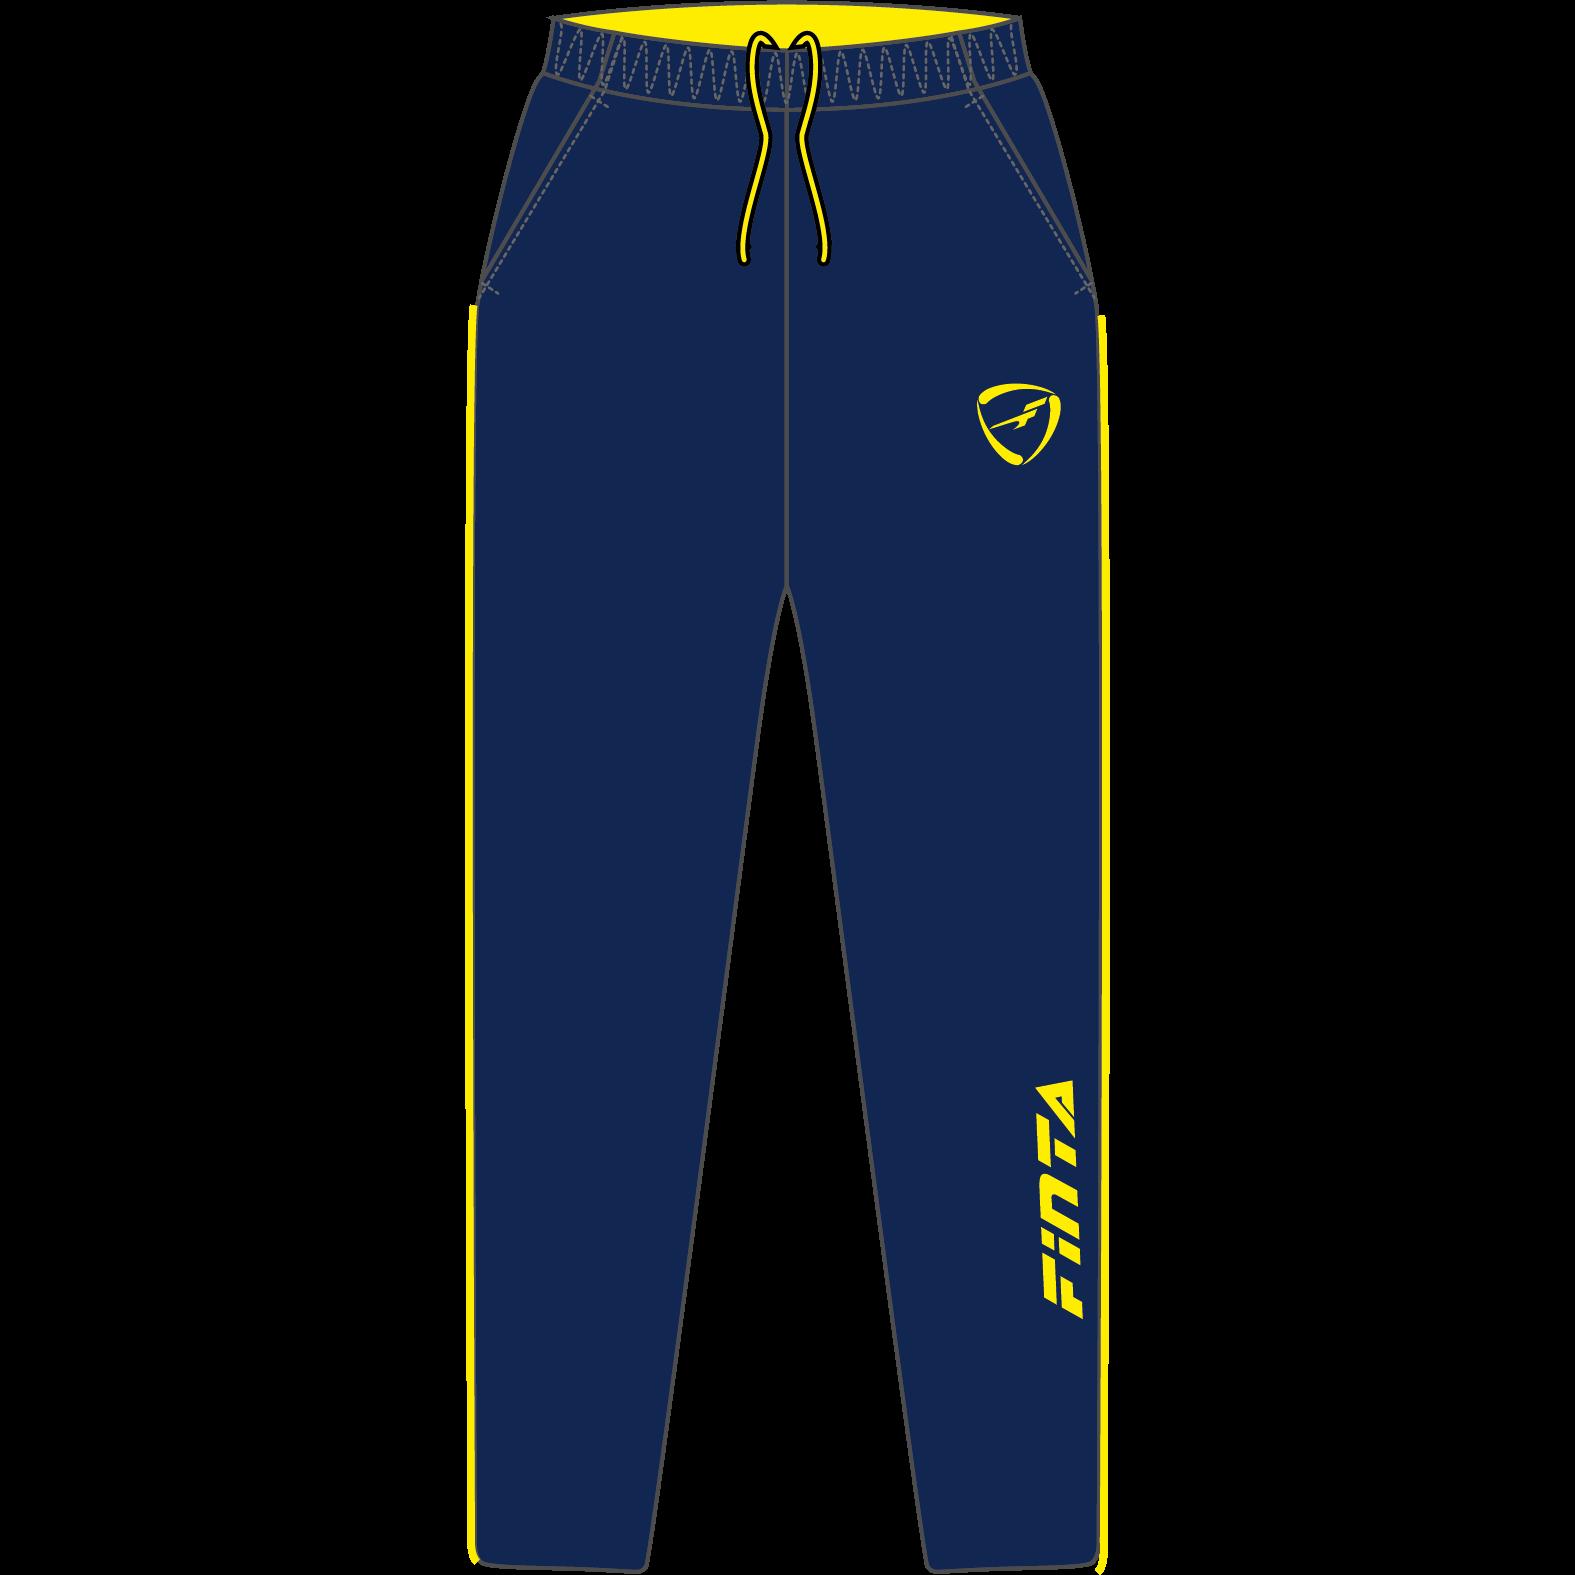 ザスパクサツ群馬選手着用モデル ウォームアップパンツ(ZF1043)